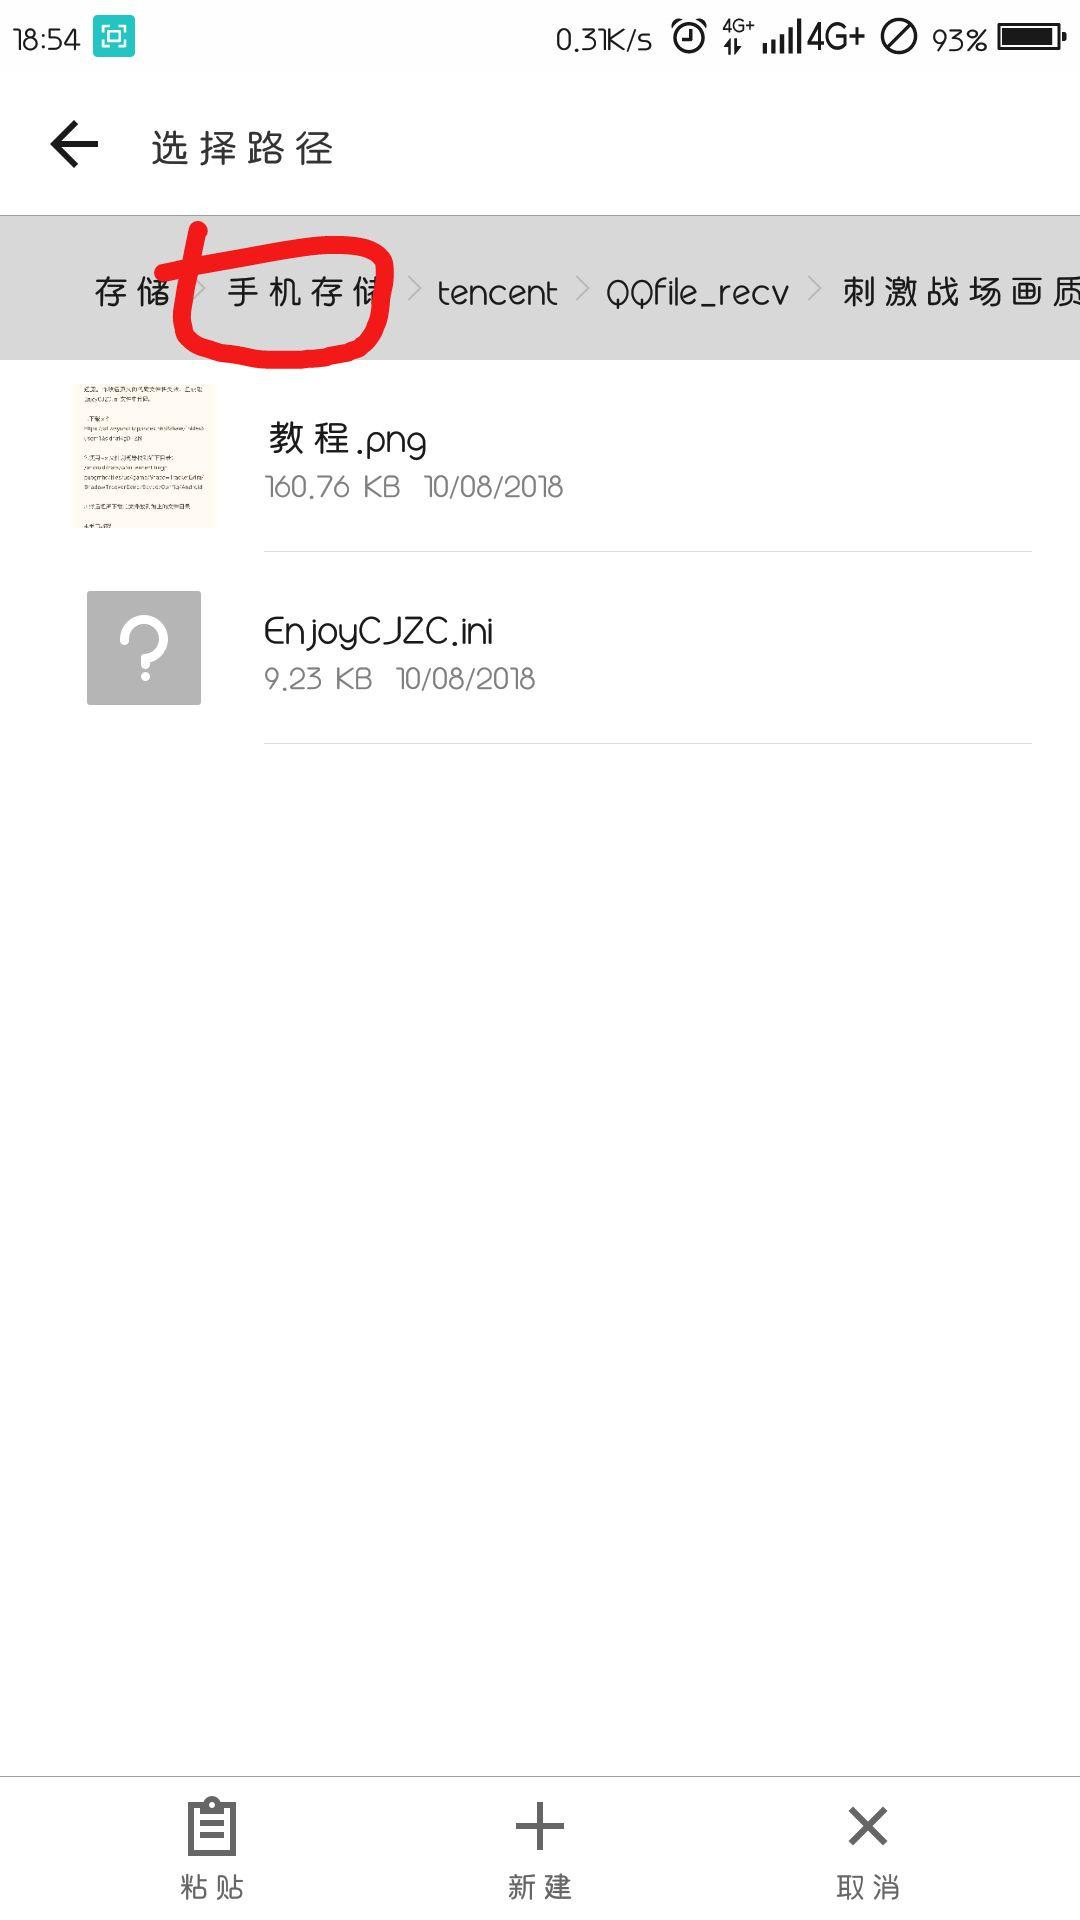 qq_pic_merged_1533898599191.jpg